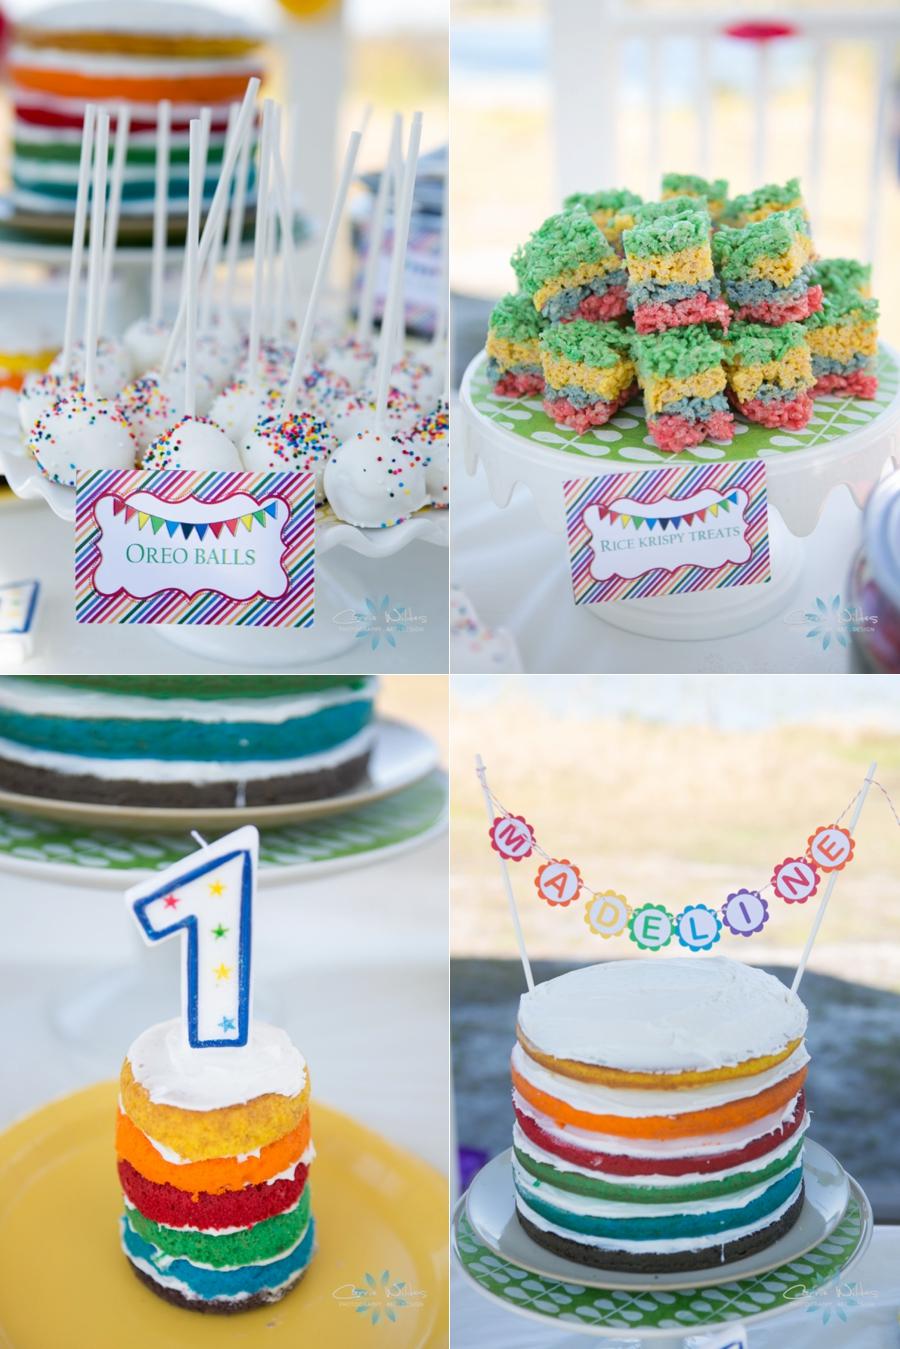 2_15_15 1 Year Old Birthday_0001.jpg